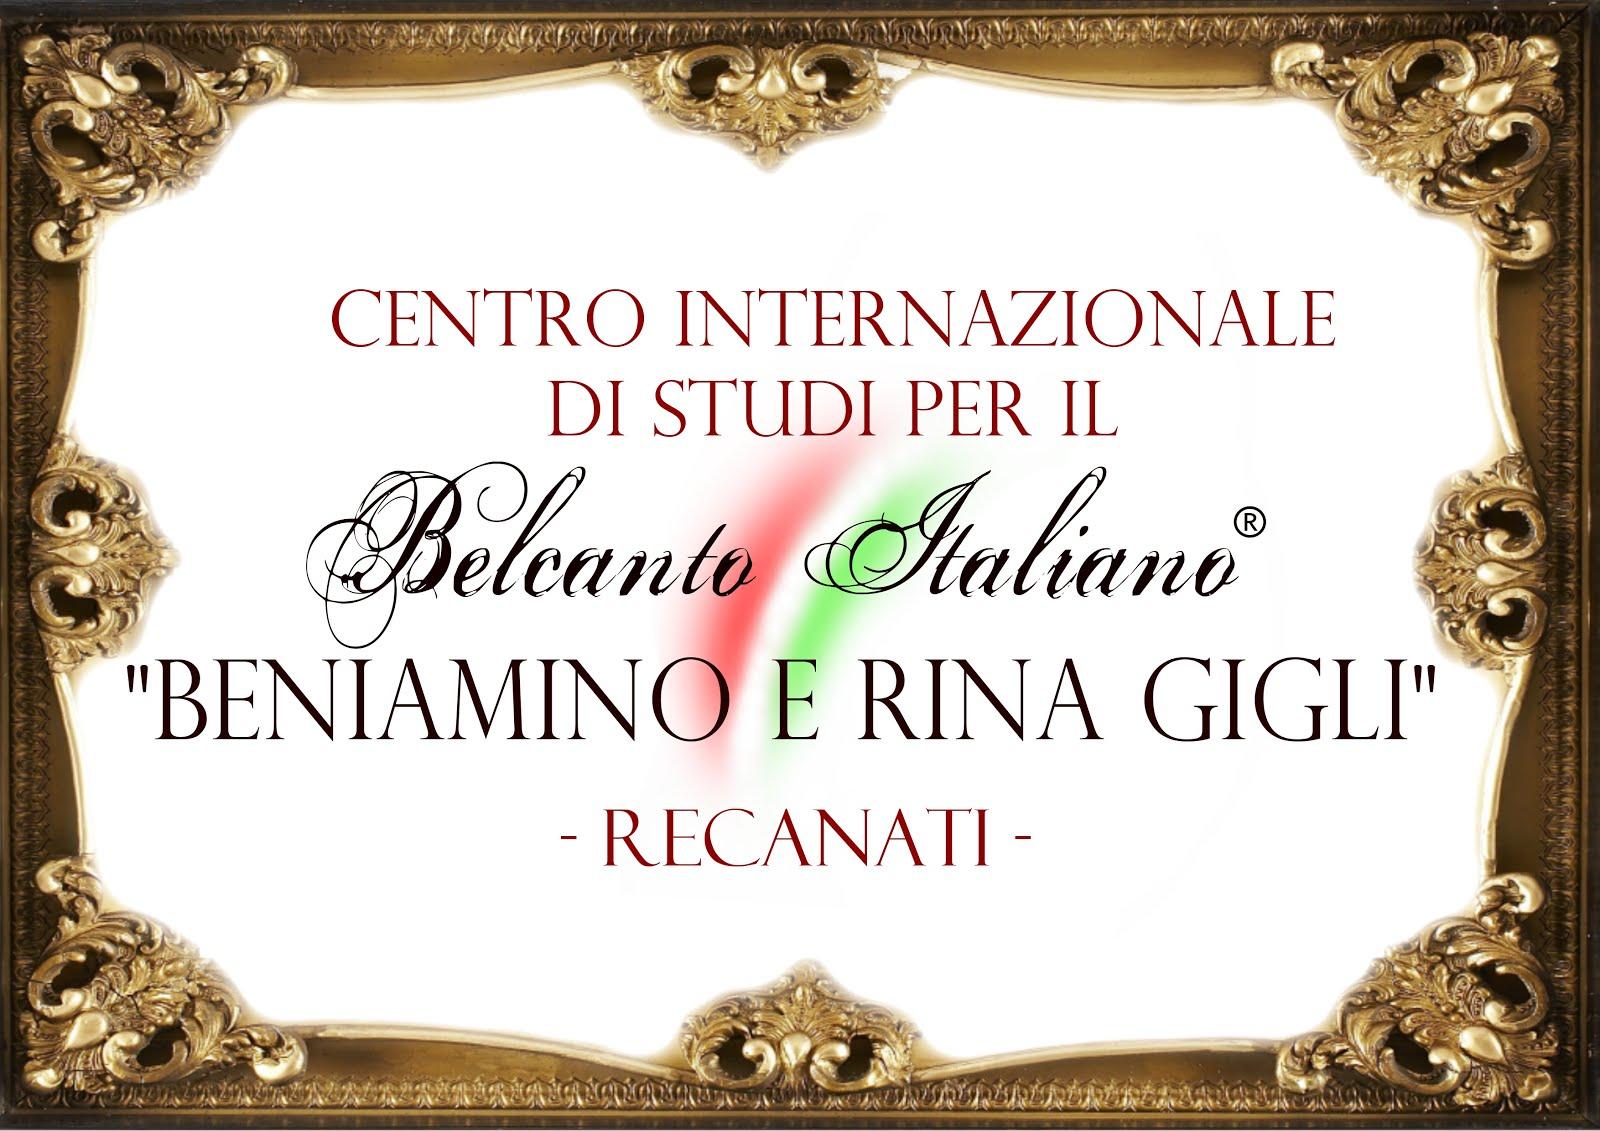 """Centro Internazionale di Studi per il Belcanto Italiano  ® """"Beniamino e Rina Gigli"""" - Recanati"""